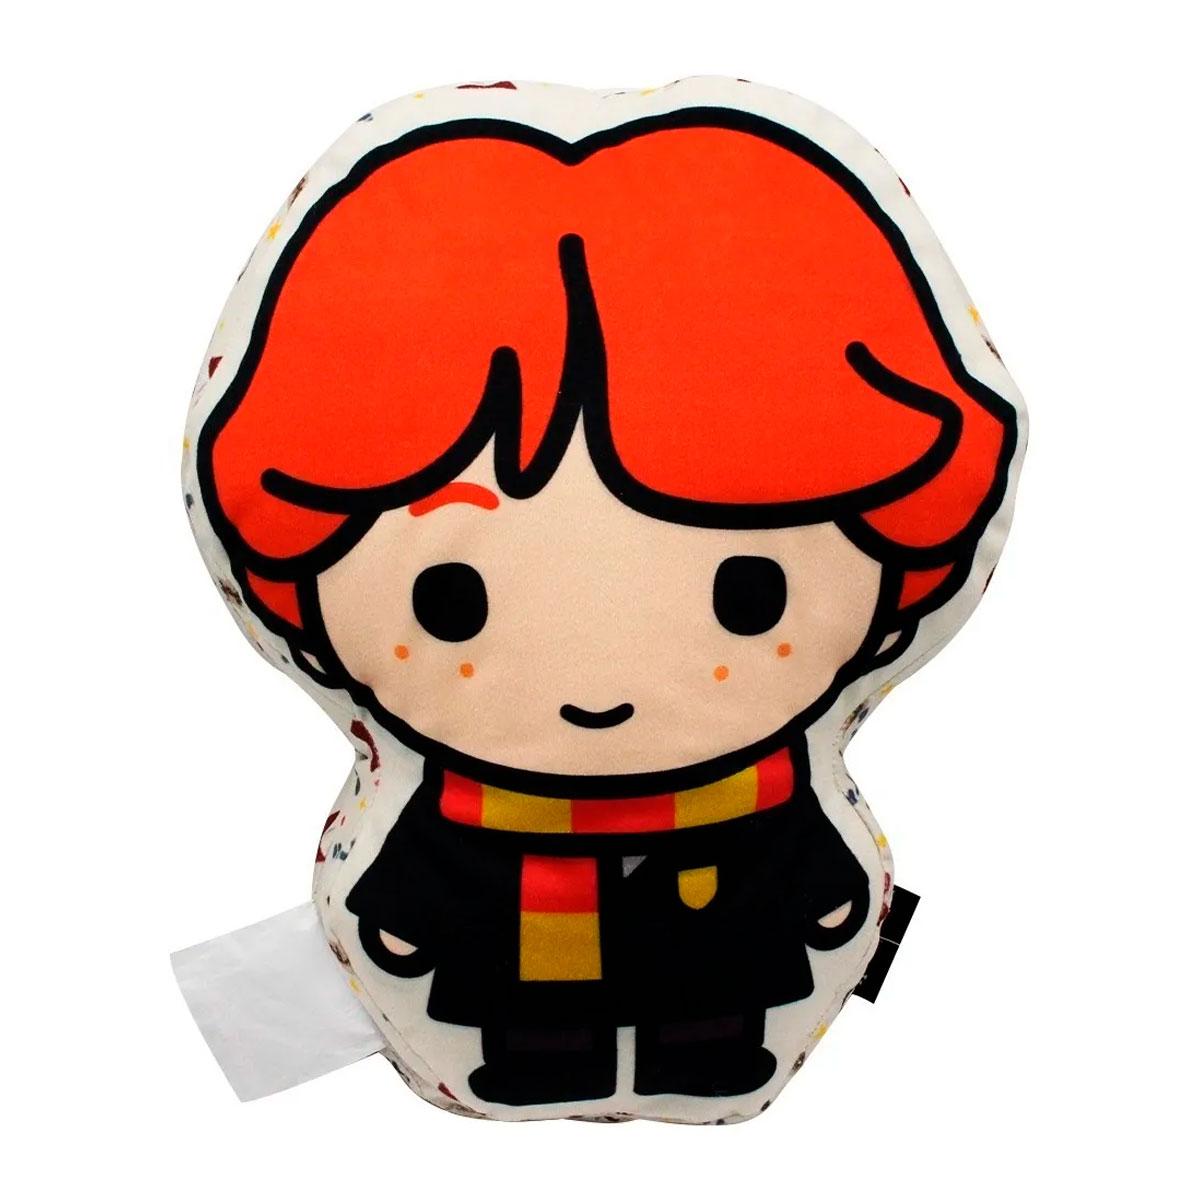 Almofada Decorativa Formato Ron Weasley Harry Potter - Presente Super